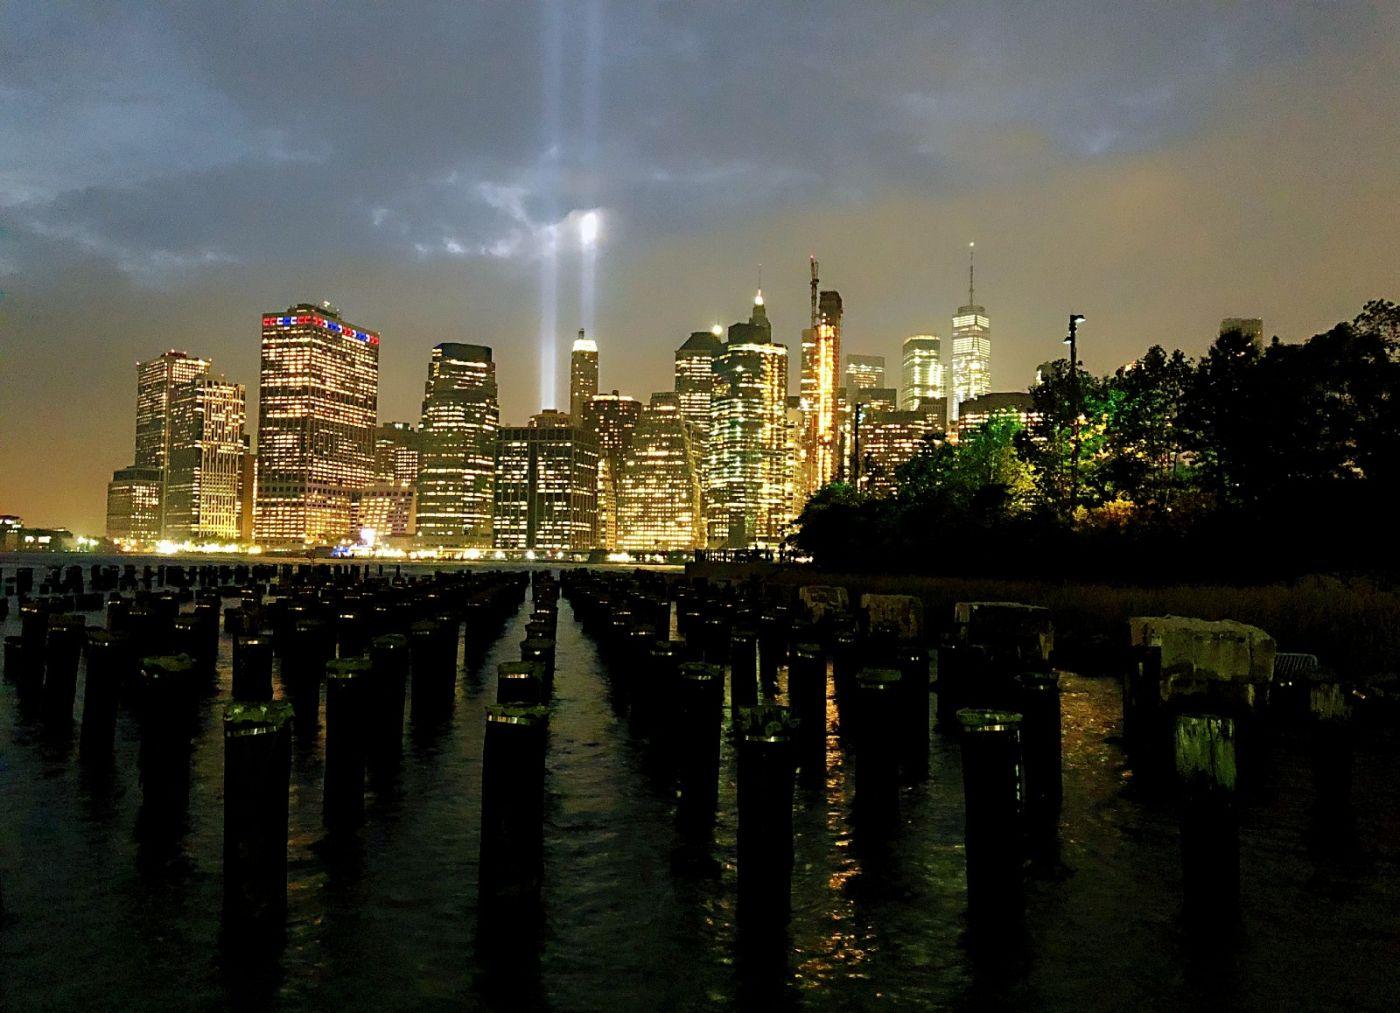 【田螺手机摄影】拍摄灯柱纪念911恐襲17周年_图1-2